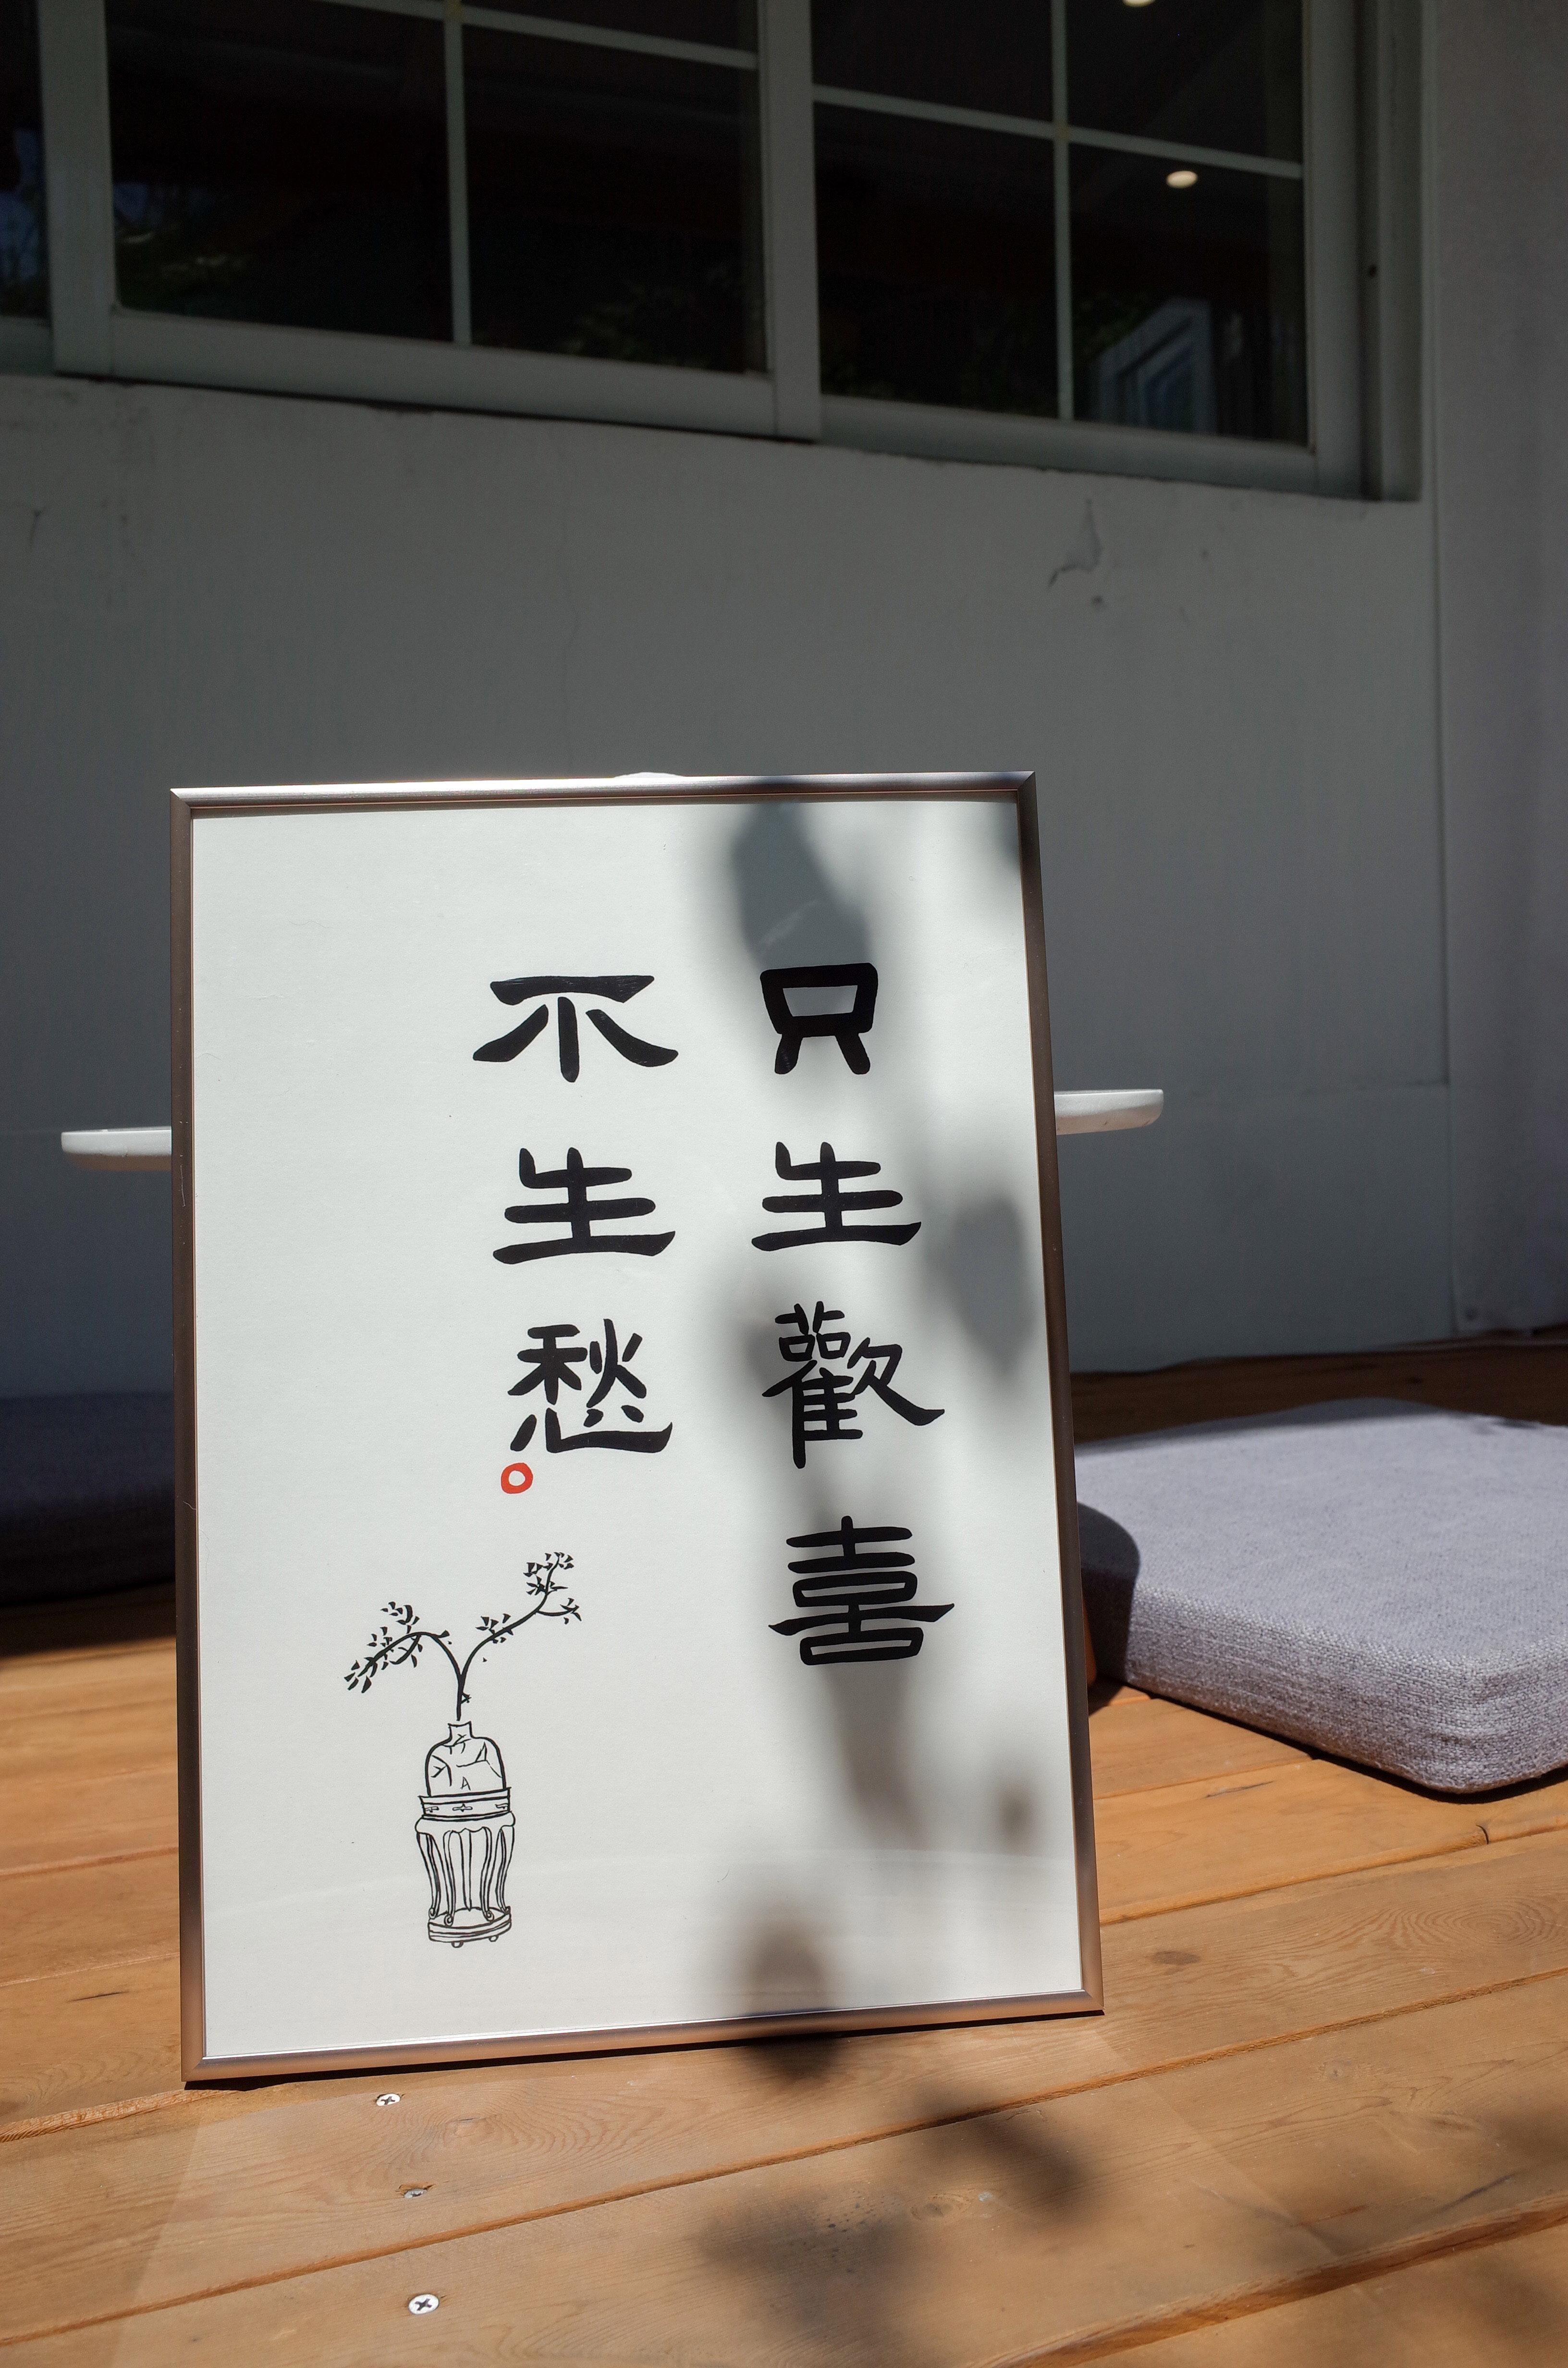 只生歡喜不生愁日式客廳裝飾畫玄關臥室餐廳掛畫手寫中式書法字畫